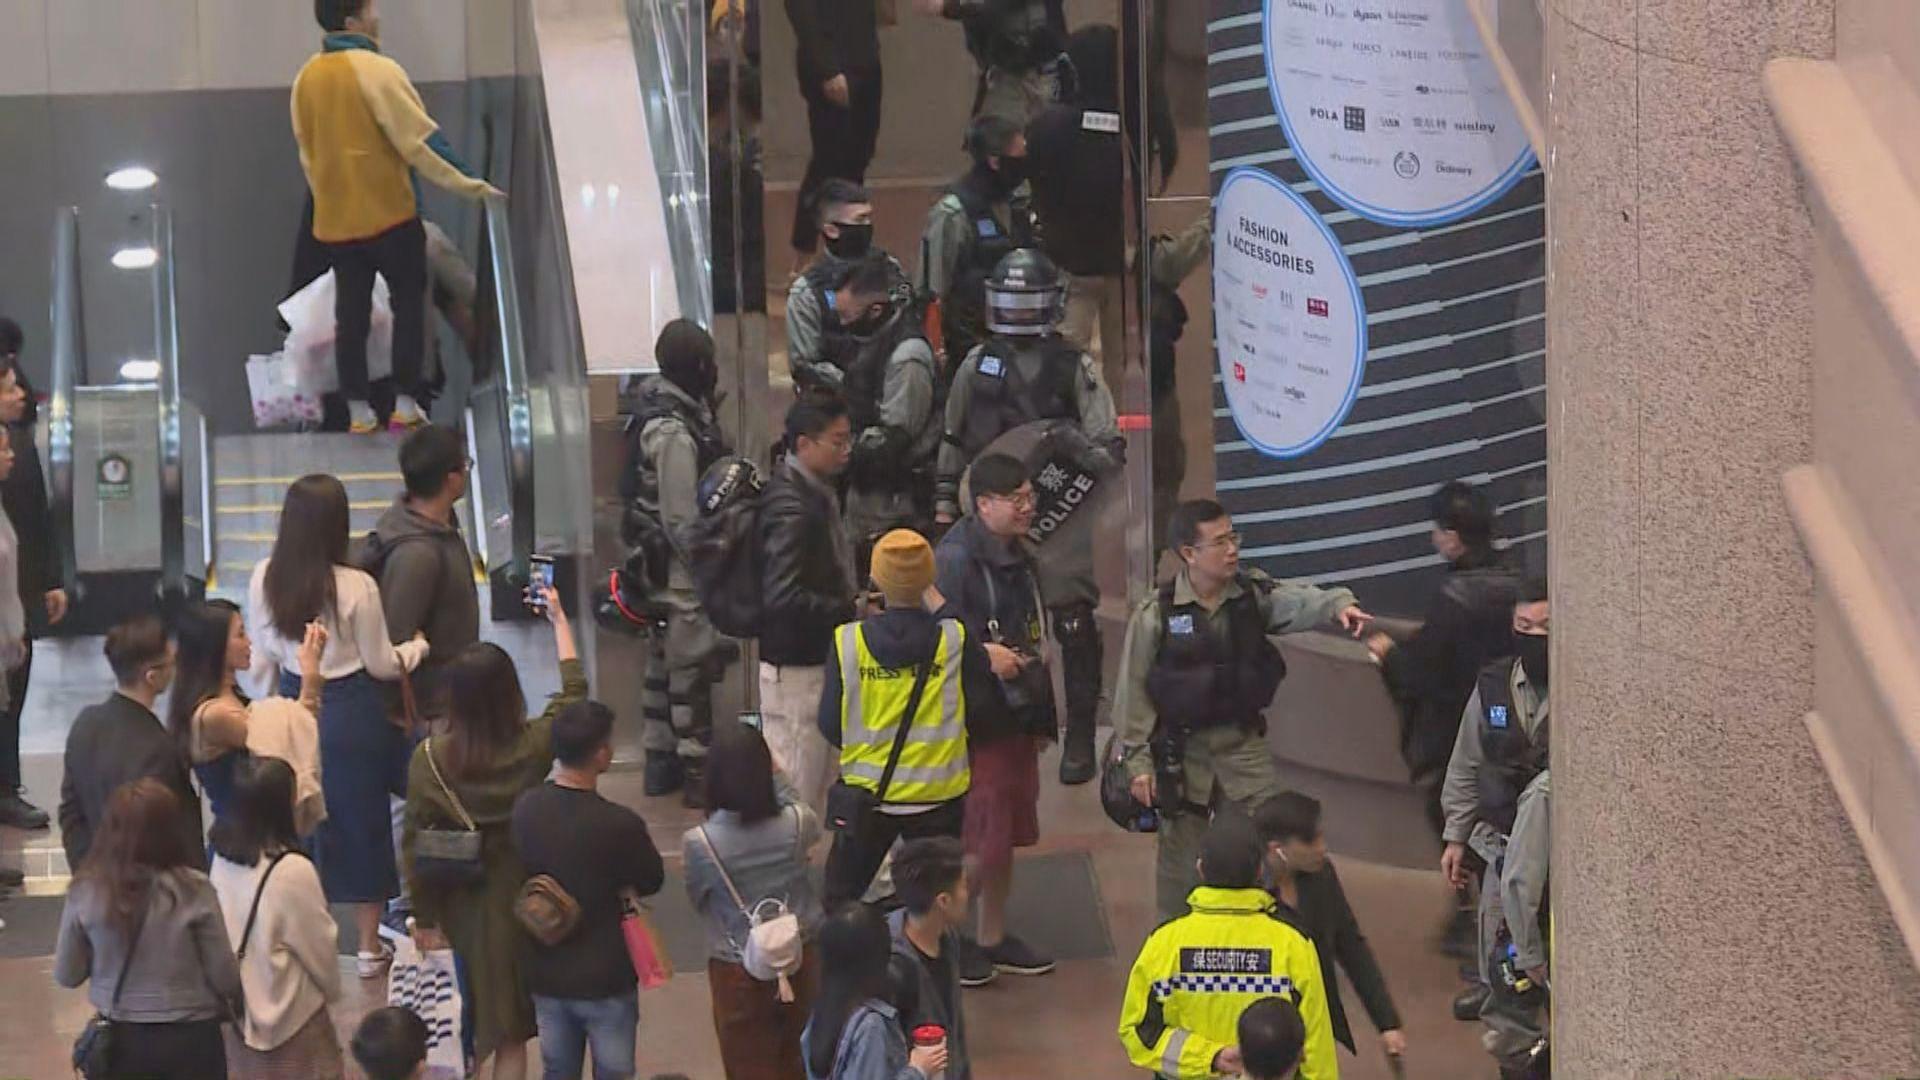 時代廣場有市民叫口號 防暴警截查多人